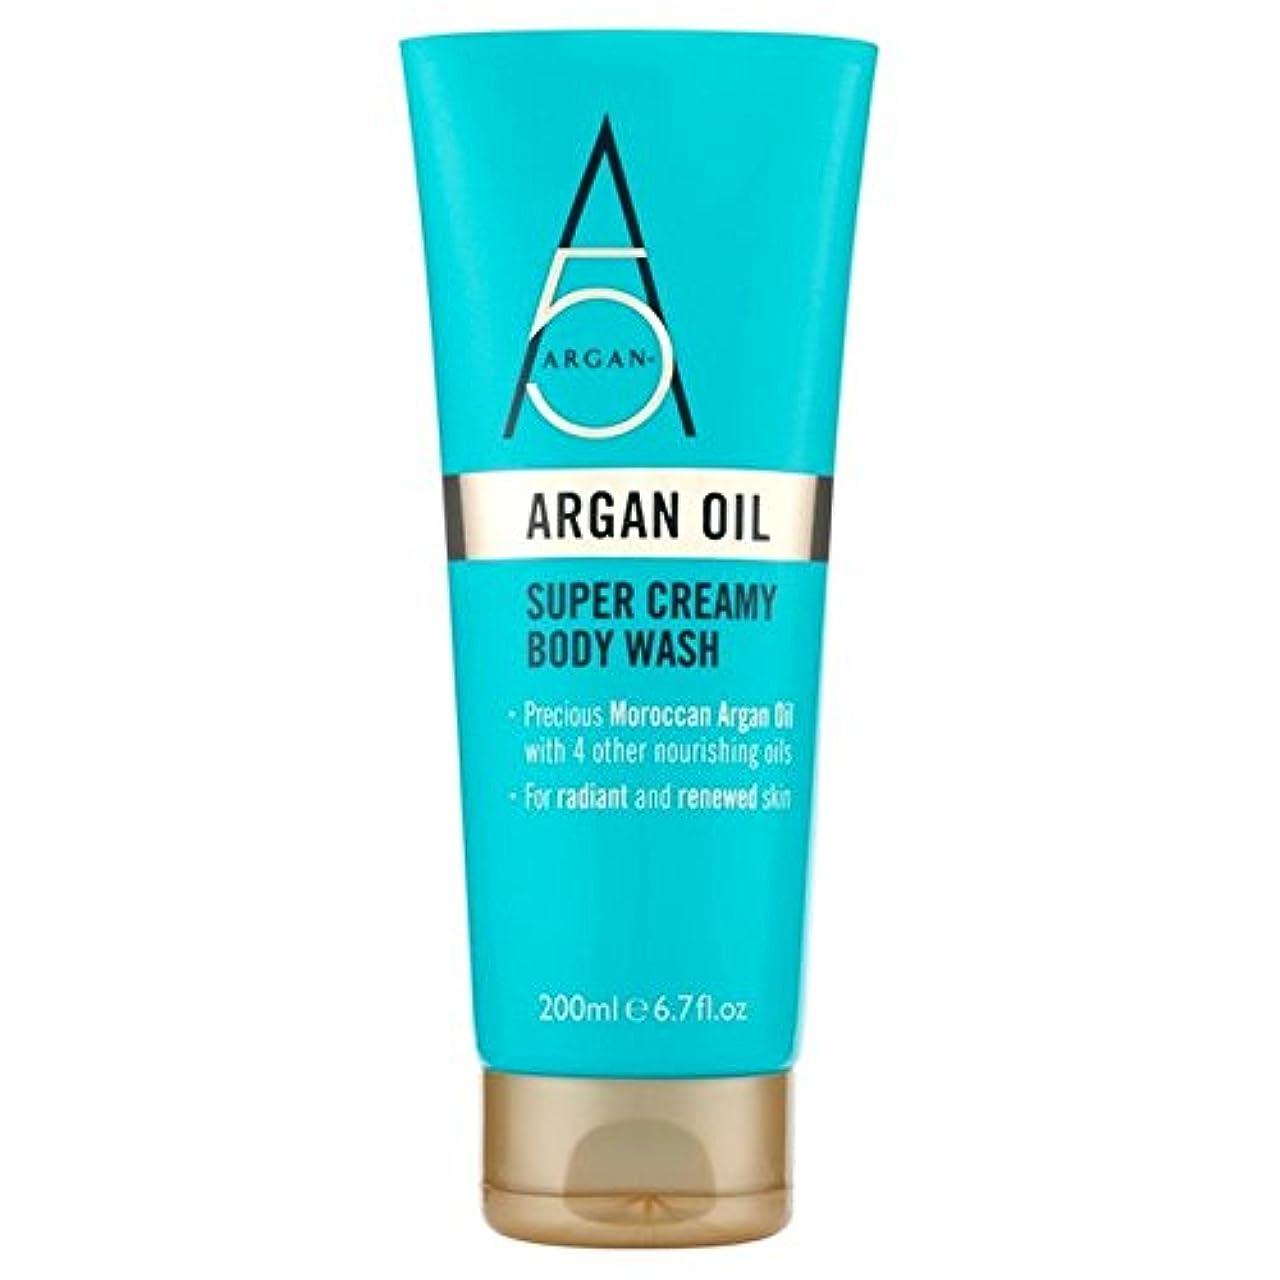 セマフォ目を覚ますしないアルガン+スーパークリーミーボディウォッシュ200ミリリットル x4 - Argan+ Super Creamy Body Wash 200ml (Pack of 4) [並行輸入品]